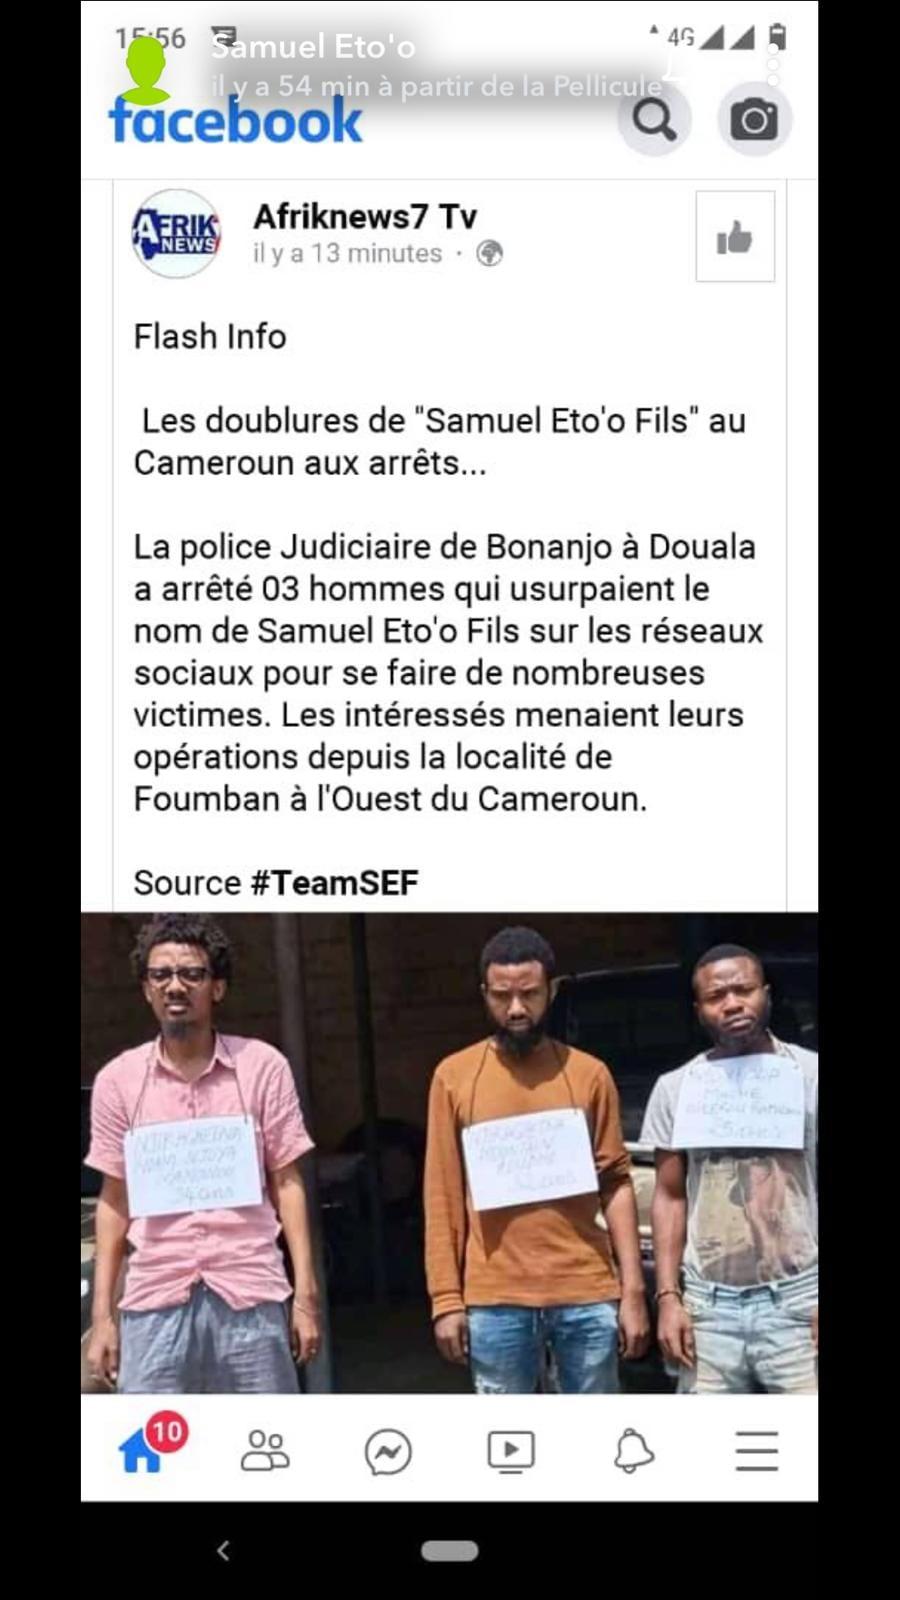 Samuel Eto'o fait arrêter trois individus qui utilisaient frauduleusement son nom au Cameroun